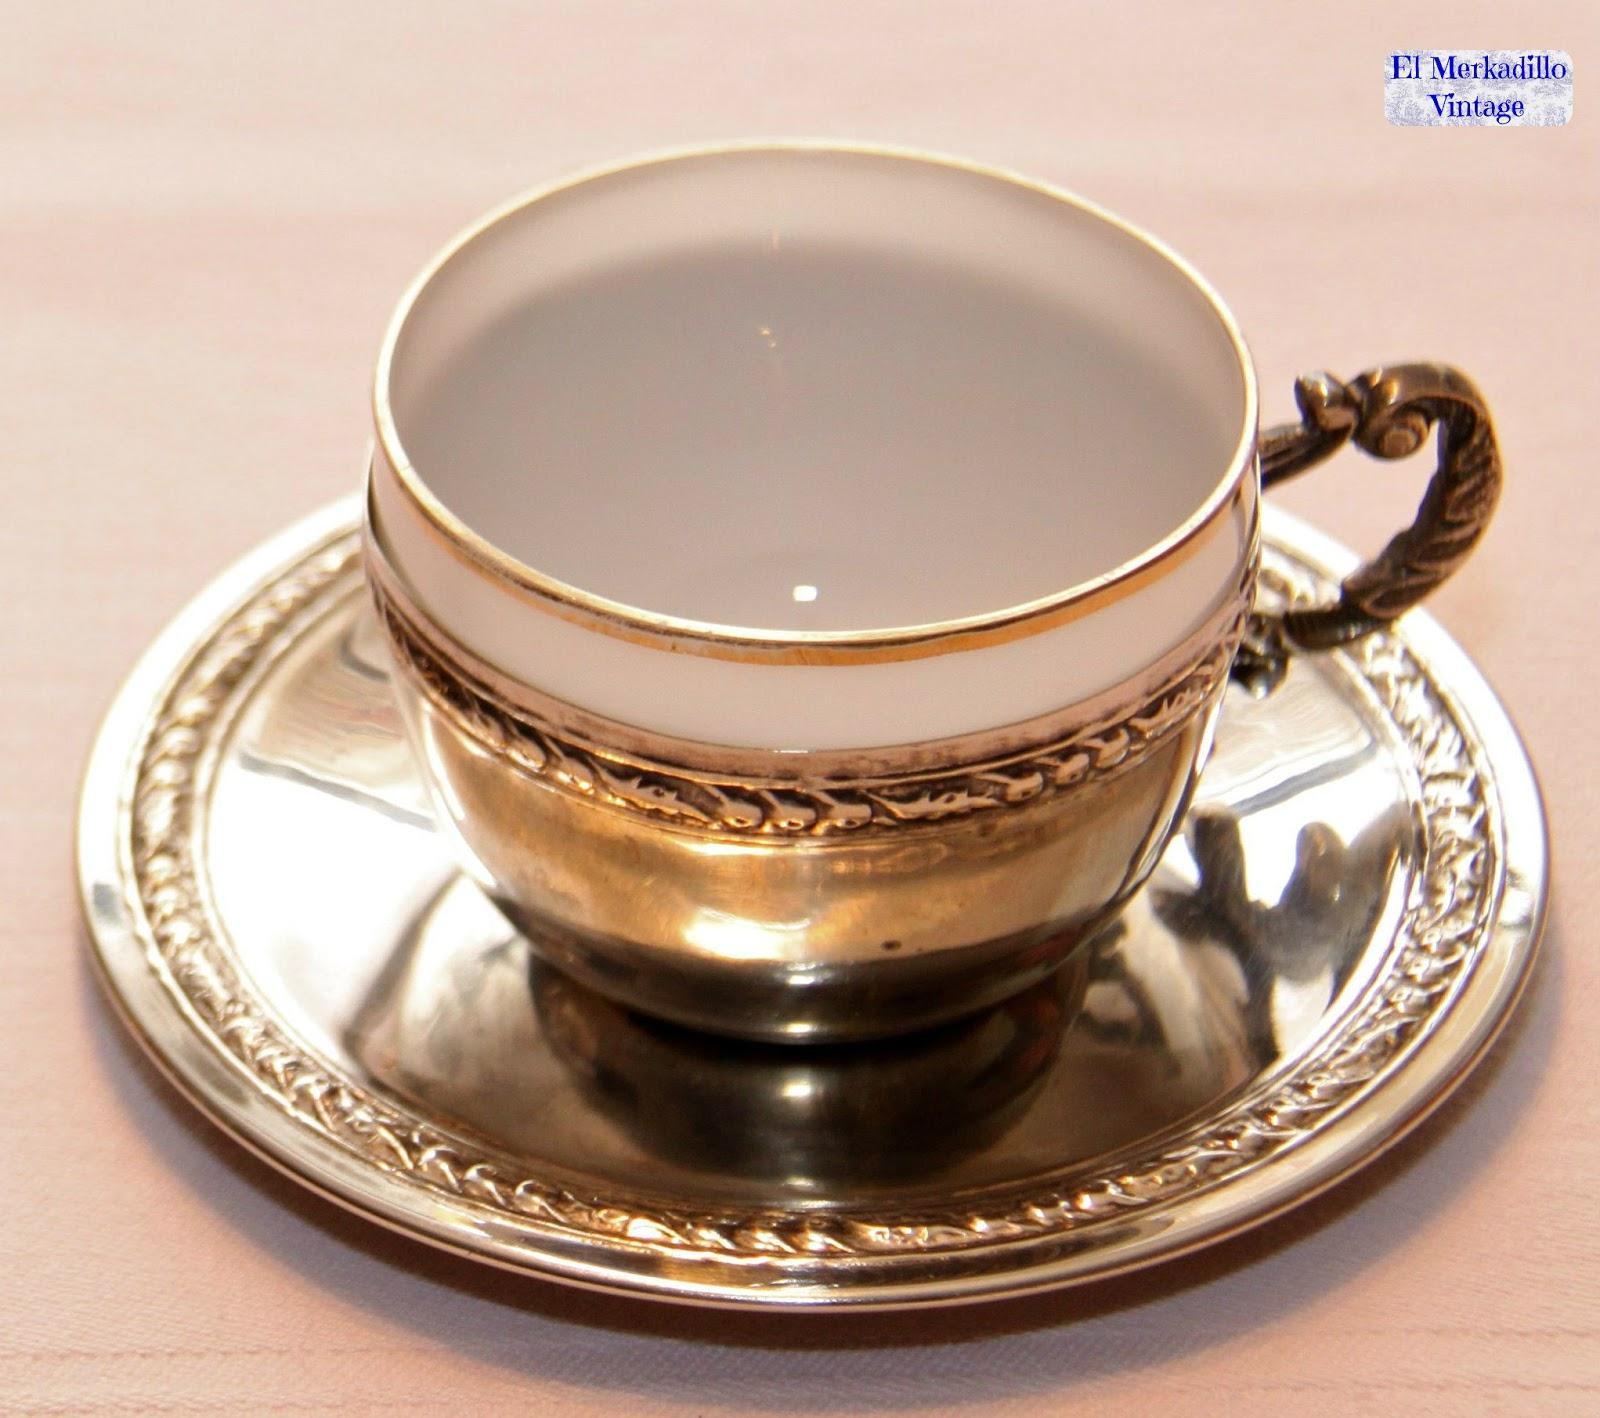 Juego de tazas caf de alpaca ref 7512 el merkadillo for Juego tazas cafe